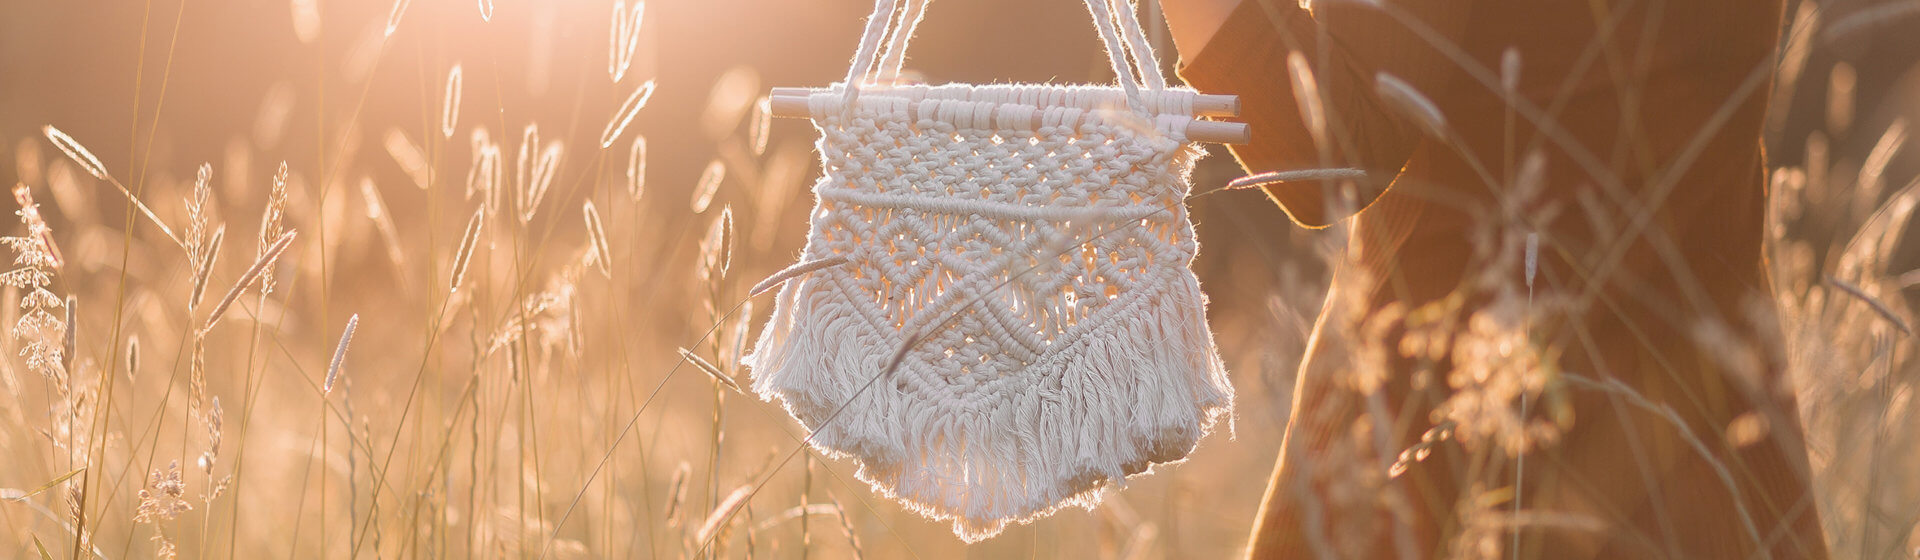 Makramee-Taschen, Accessoire Trend, Sommer Must-Have, Shoelove by Deichmann